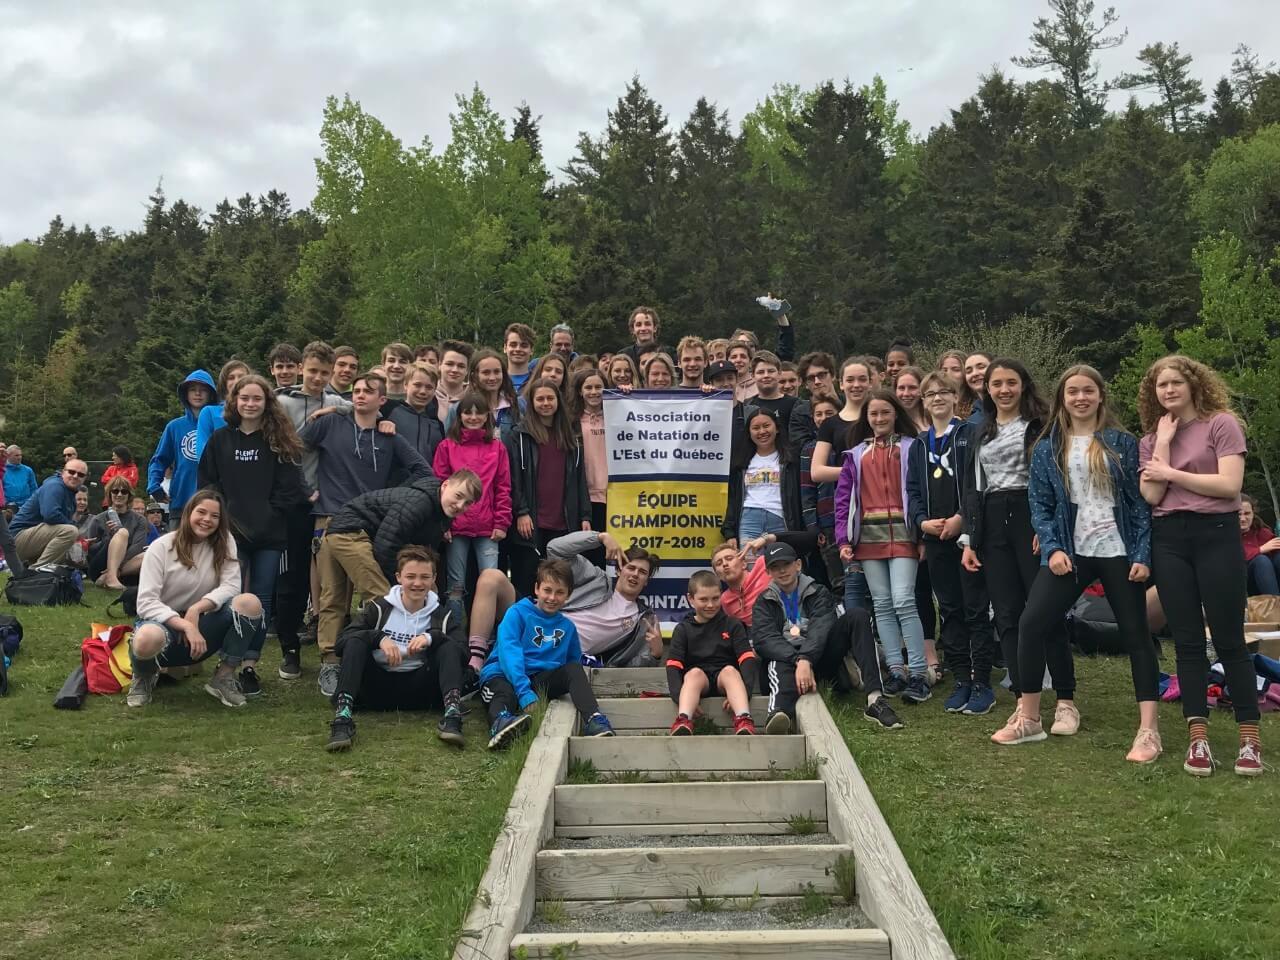 Les Dauphins sont champions de l'Est-du-Québec pour la 9e année consécutive